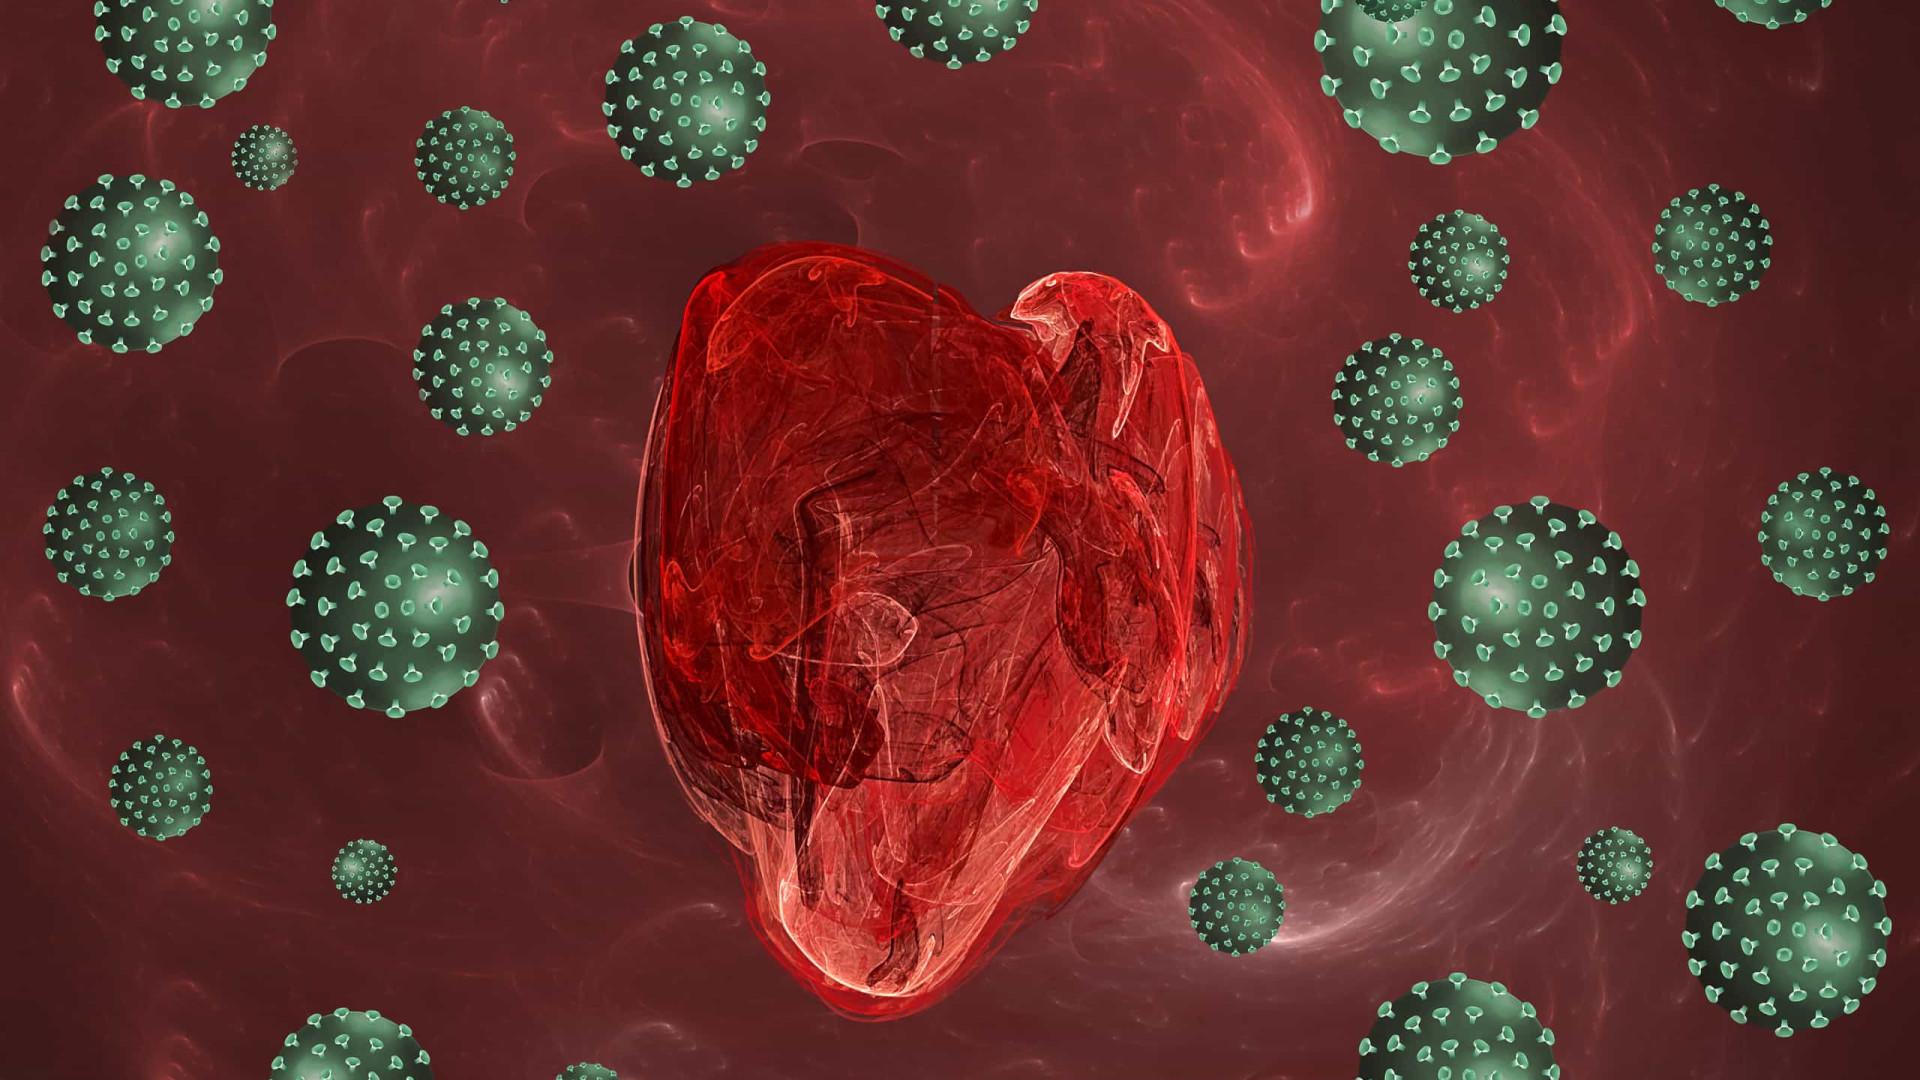 Coronavírus ataca, infecta e mata células musculares do coração